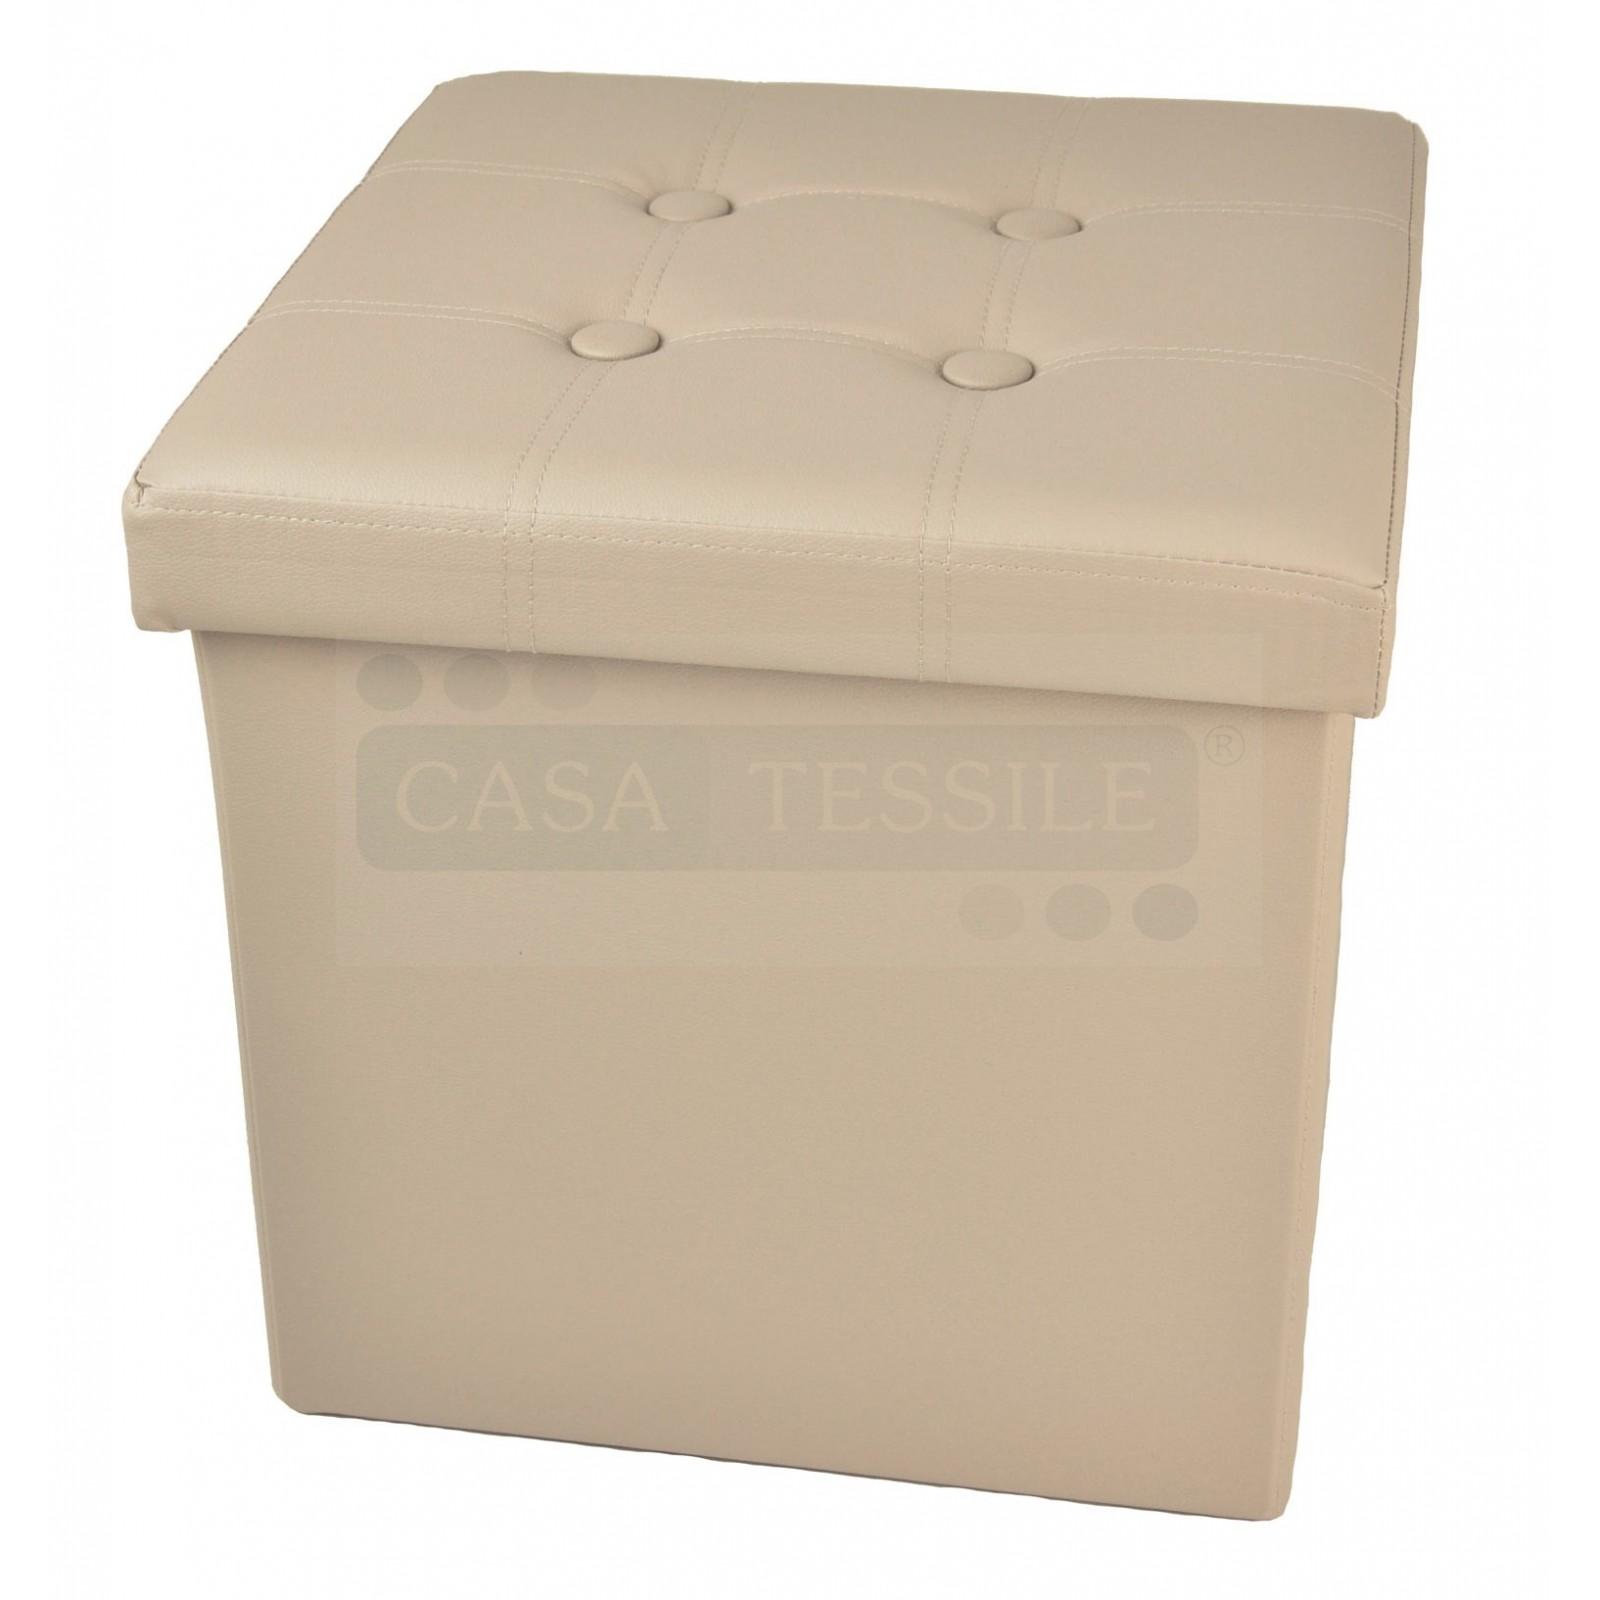 Bianco CASA TESSILE Cuore Ecopelle Pouf Contenitore Tinta Unita